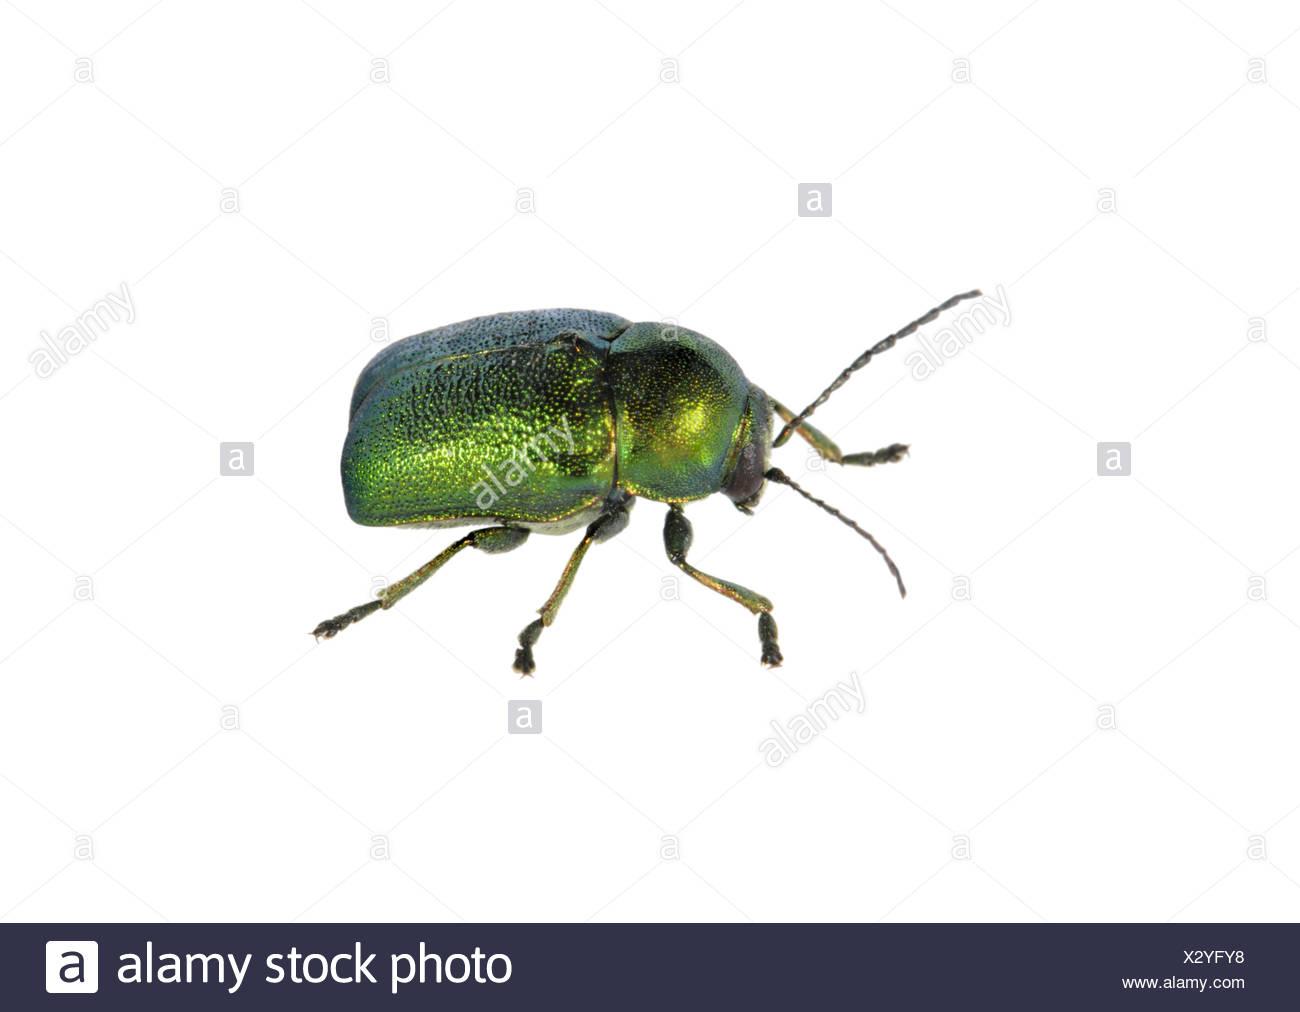 A leaf beetle - Cryptocephalus hypochaeridis - Stock Image